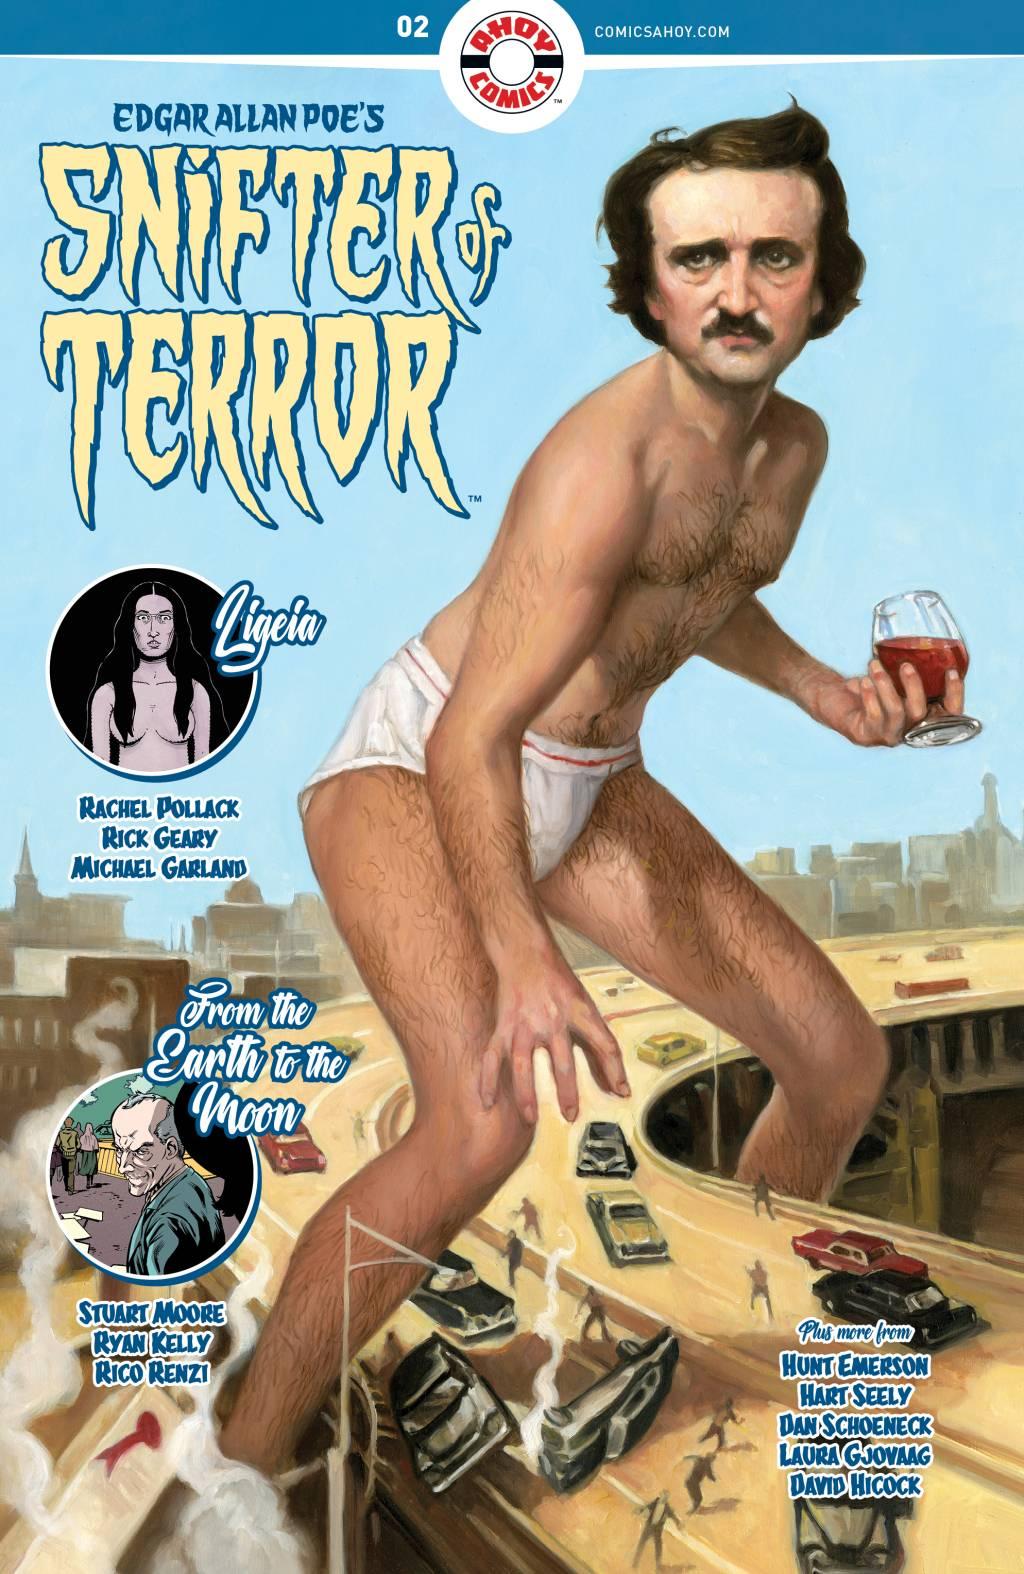 Про Эдгара Аллана По рисуют очень странные комиксы из серии Snifter Of Terror. Вот их обложки 2